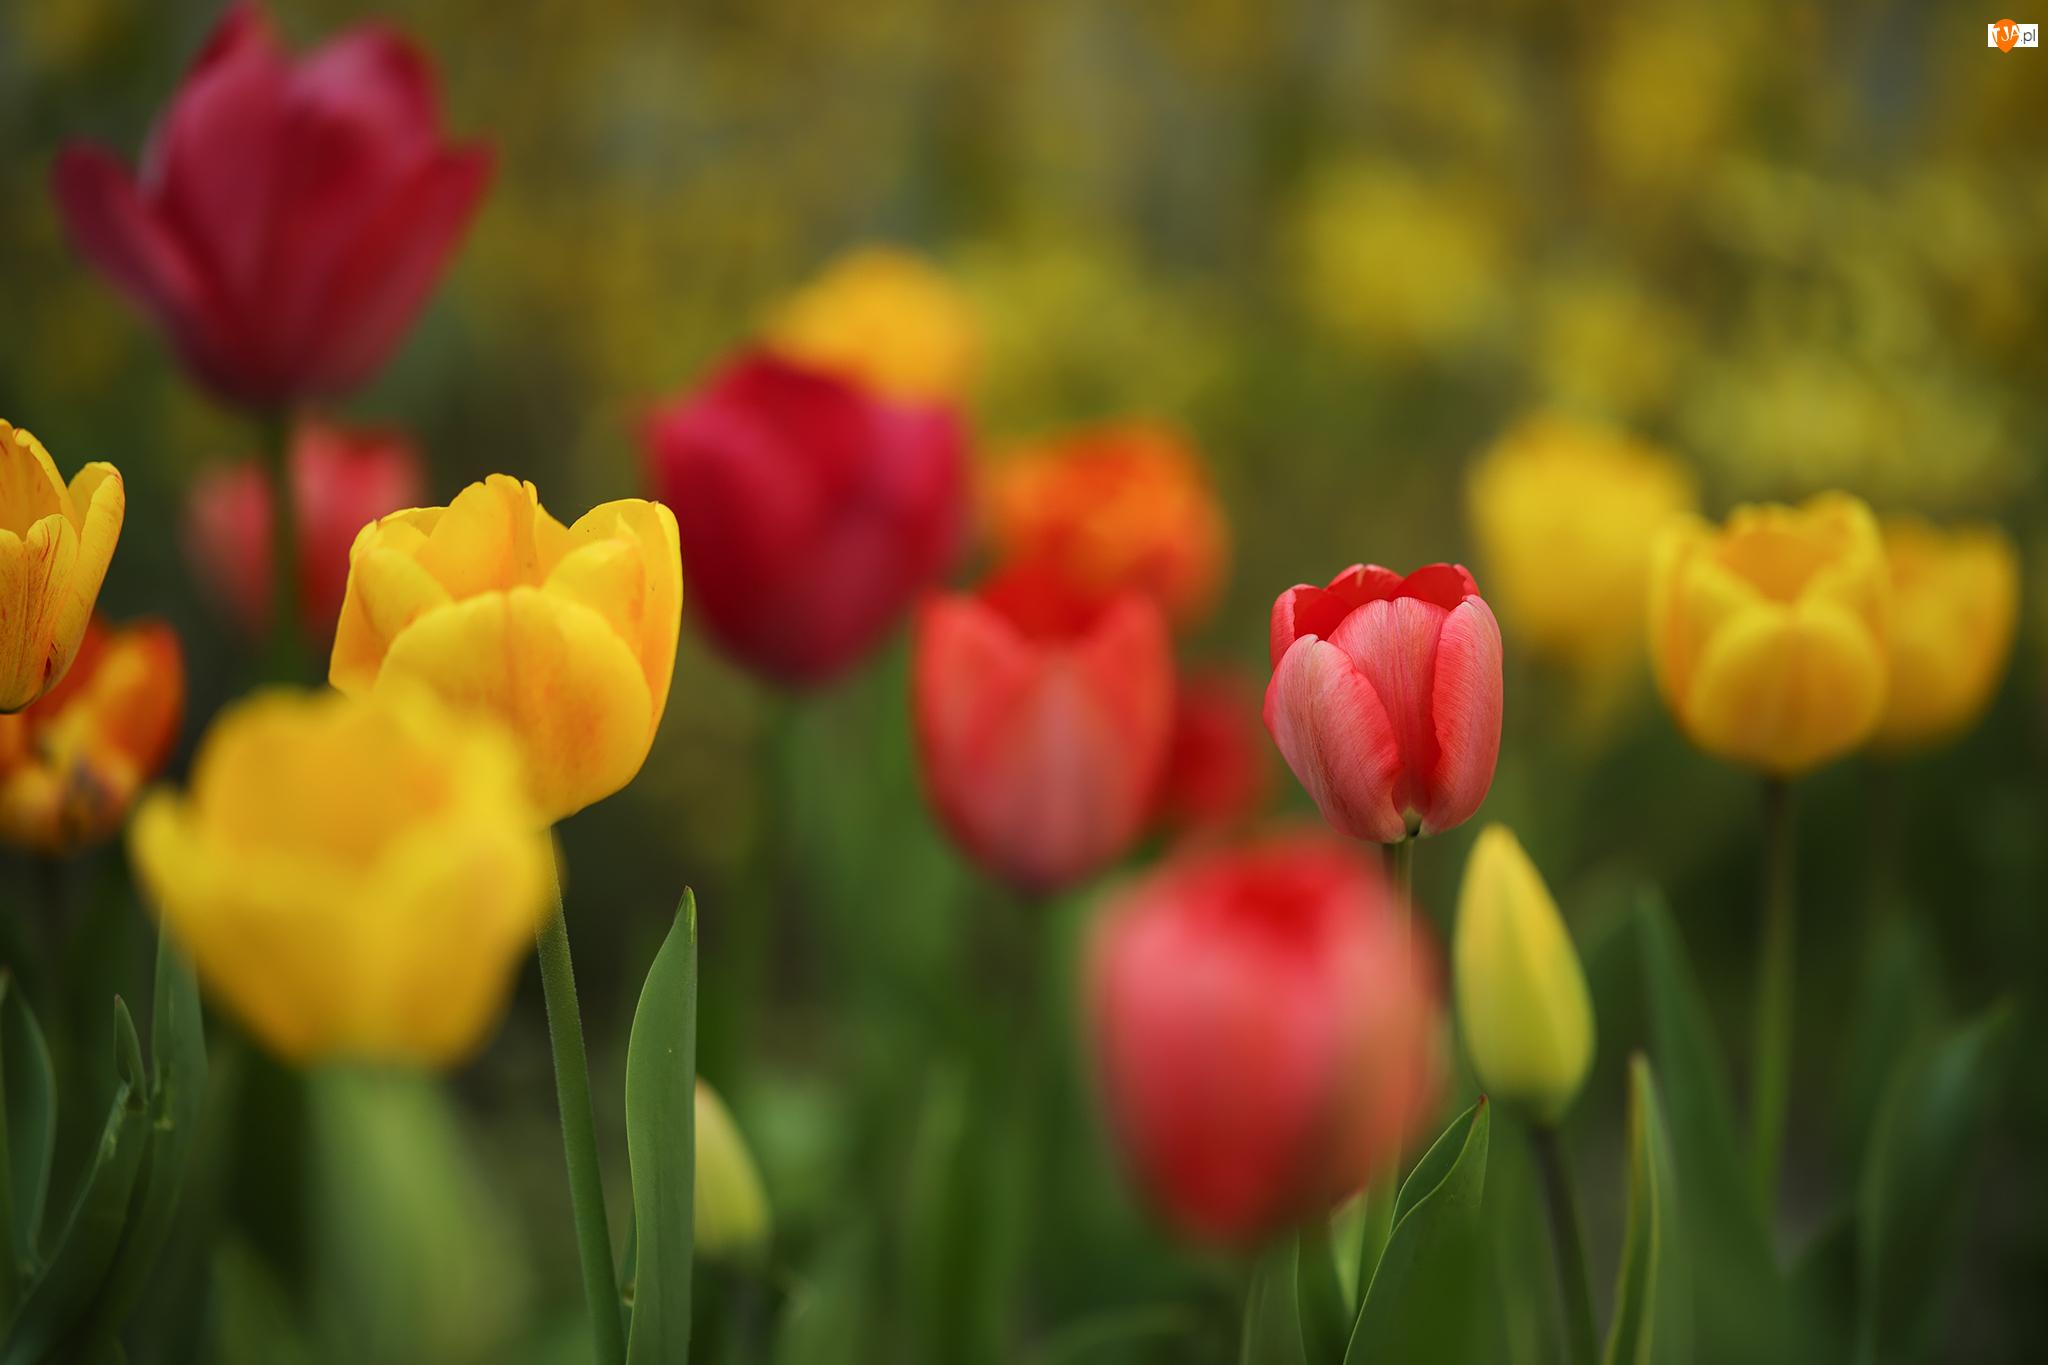 Żółte, Kwiaty, Czerwone, Kolorowe, Tulipany